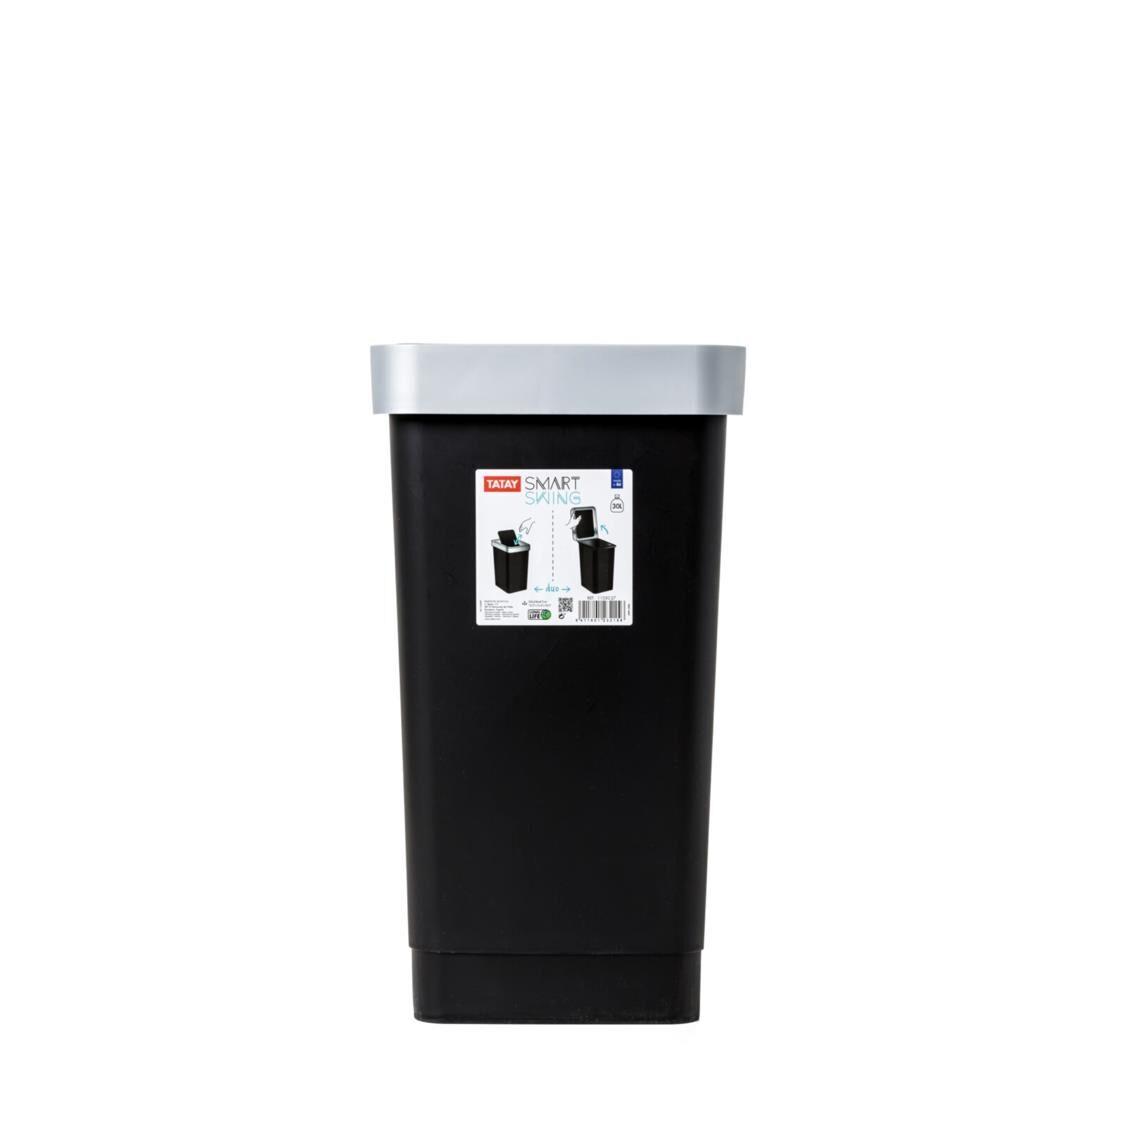 Tatay Swing Dustbin Smart 25L Black